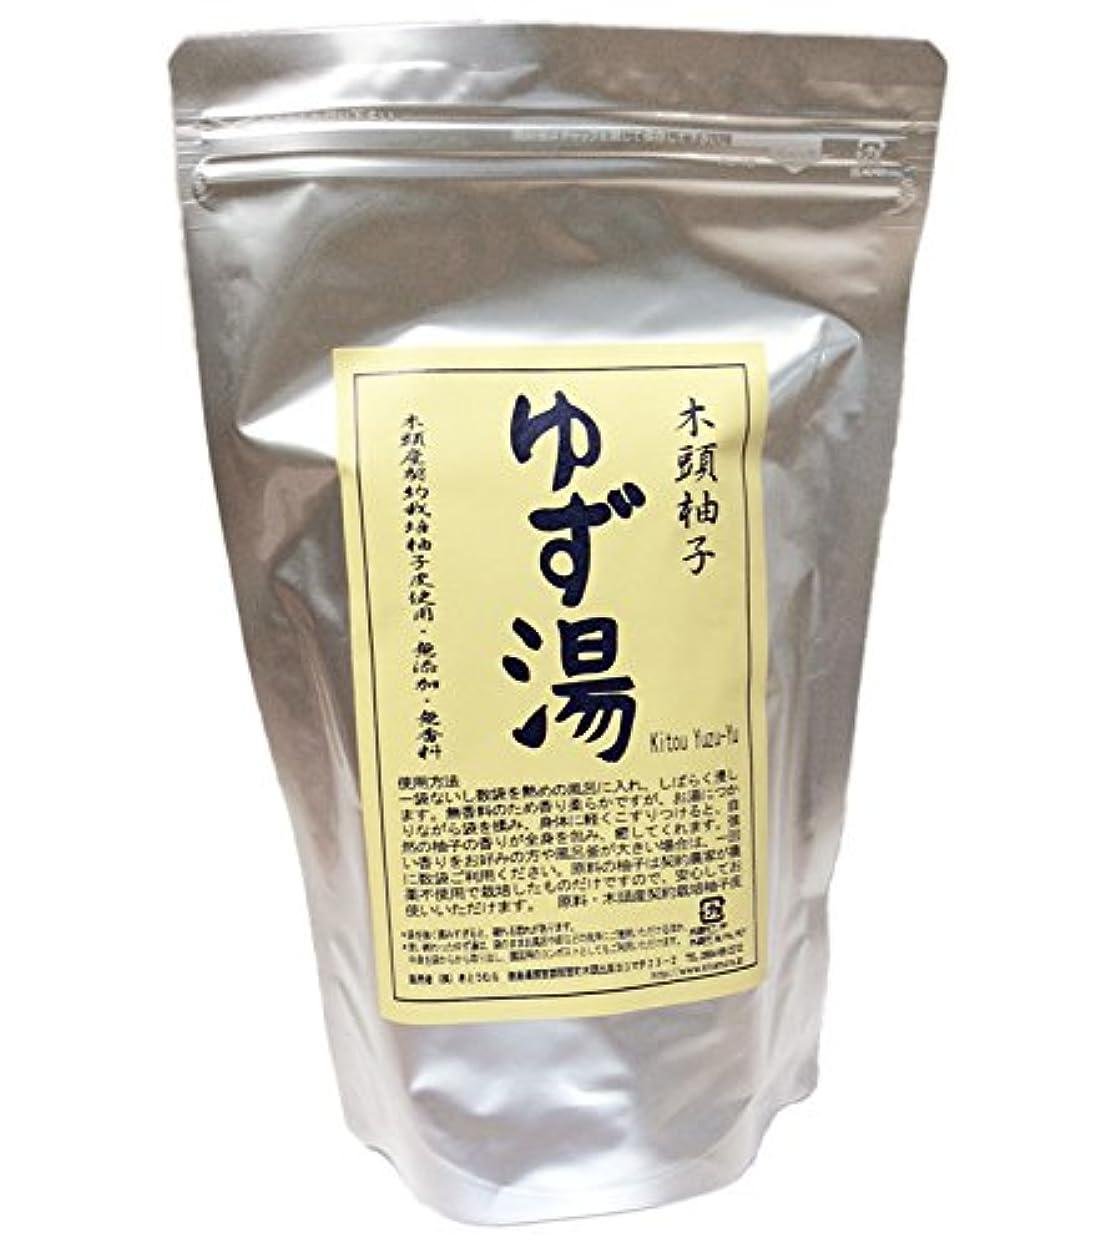 グリーンバック独立養うきとうむら オーガニック 木頭柚子ゆず湯 (徳用) 30g×15パック入